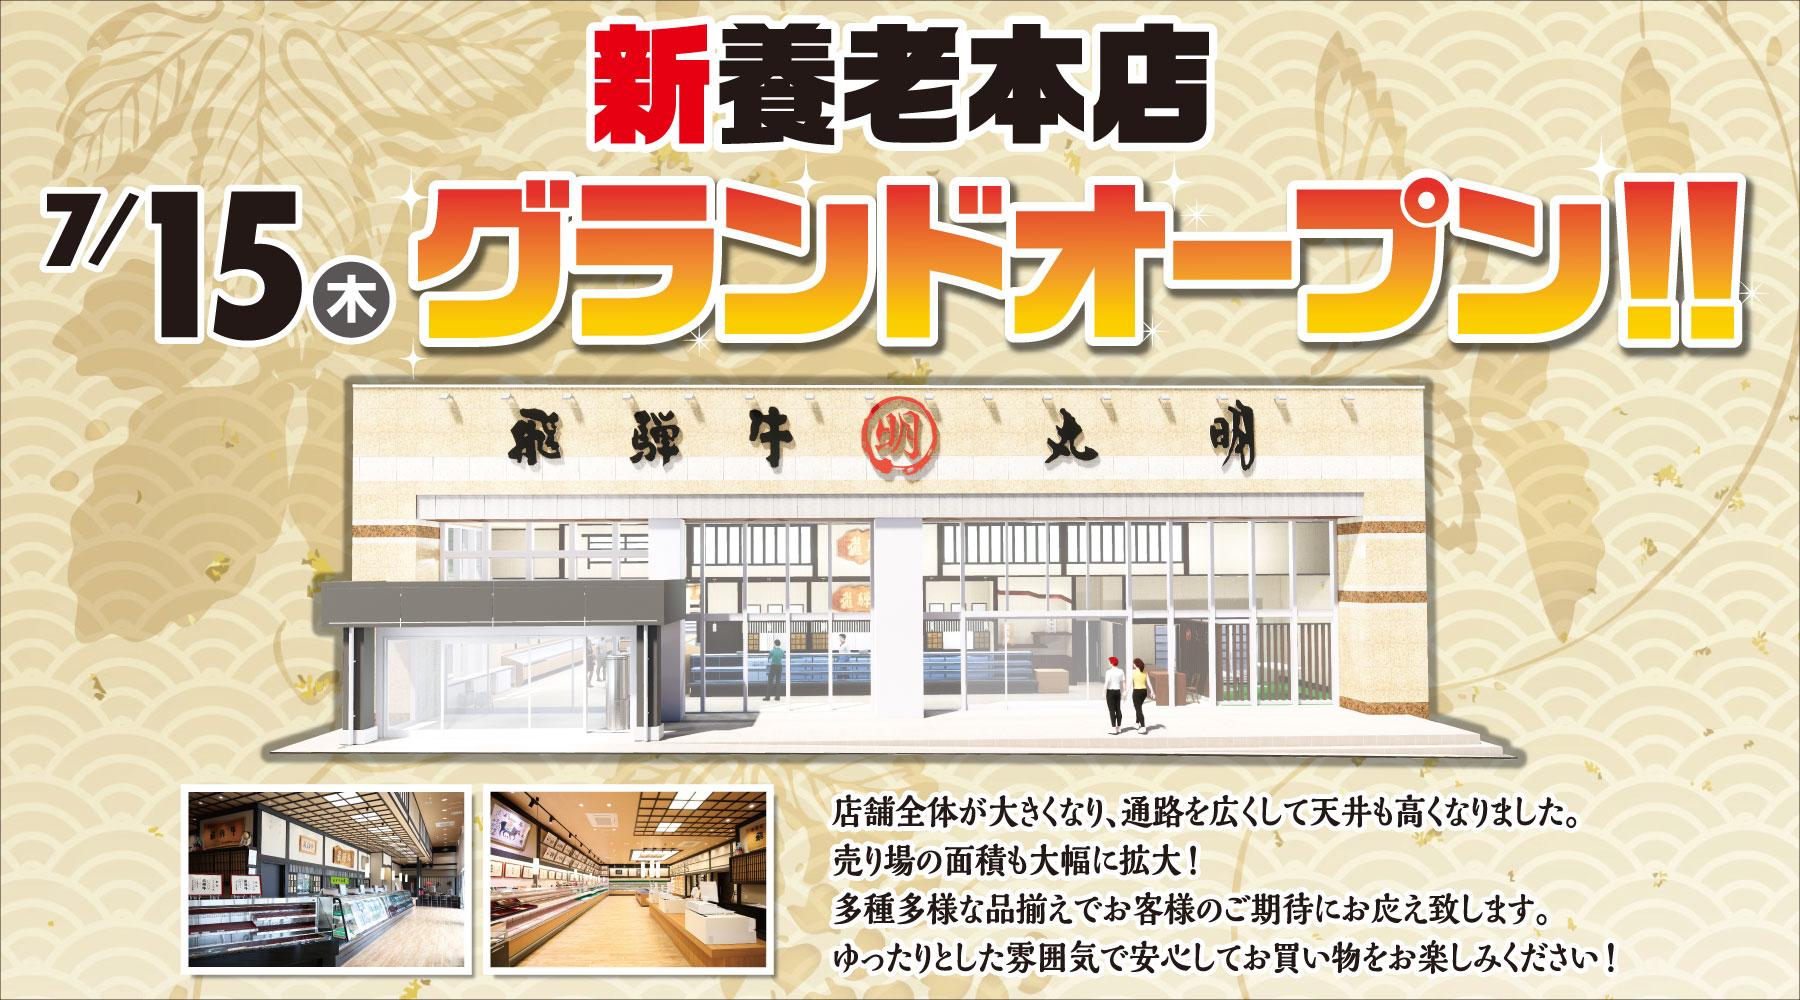 【お待たせしました!】飛騨牛の丸明 新養老本店グランドオープン